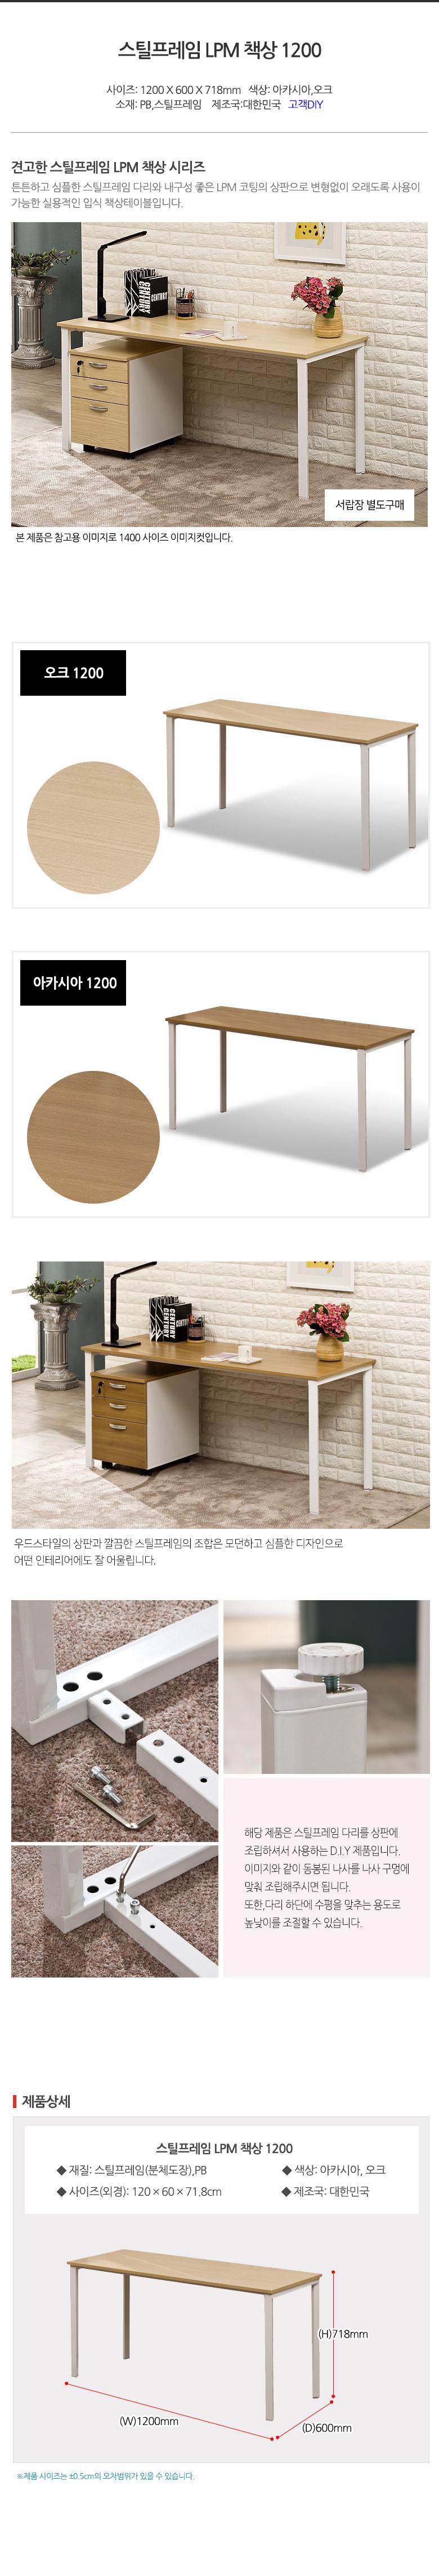 스틸프레임 LPM 책상 1200 - 포메리트, 179,000원, 책상/의자, 일반 책상